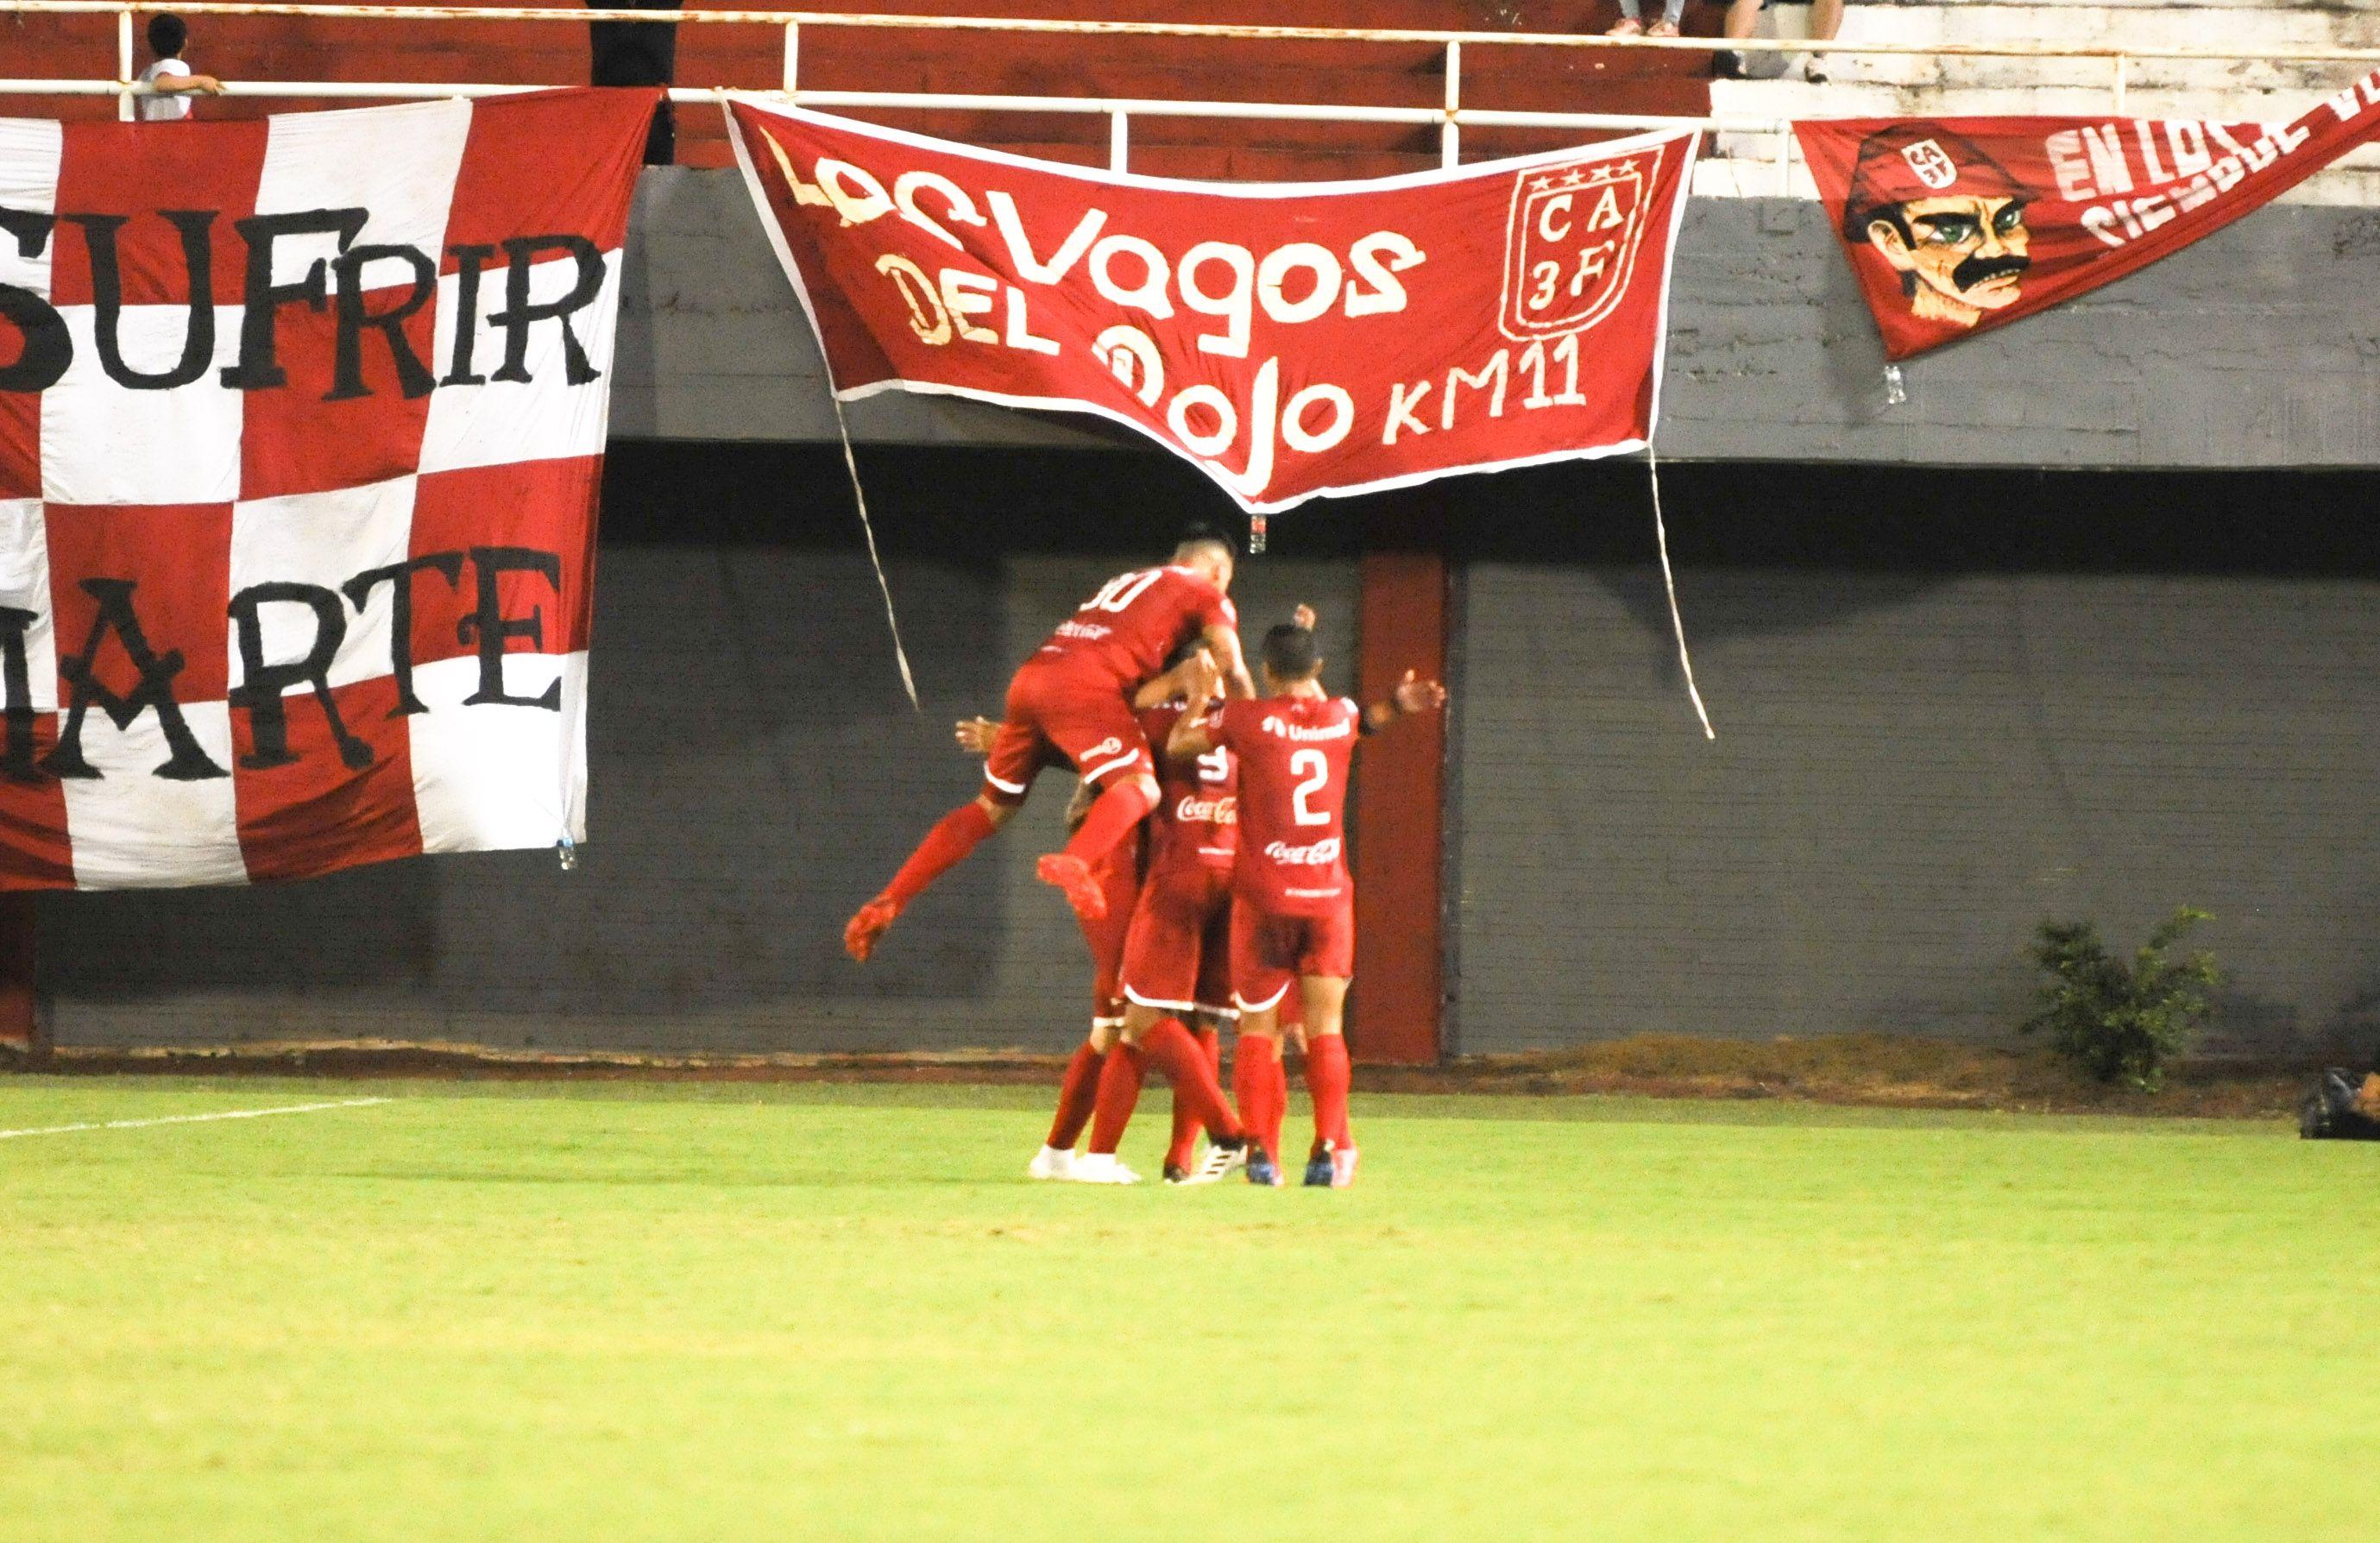 El 3 llega de un empate ante General Díaz. Foto: Wilson Ferreira